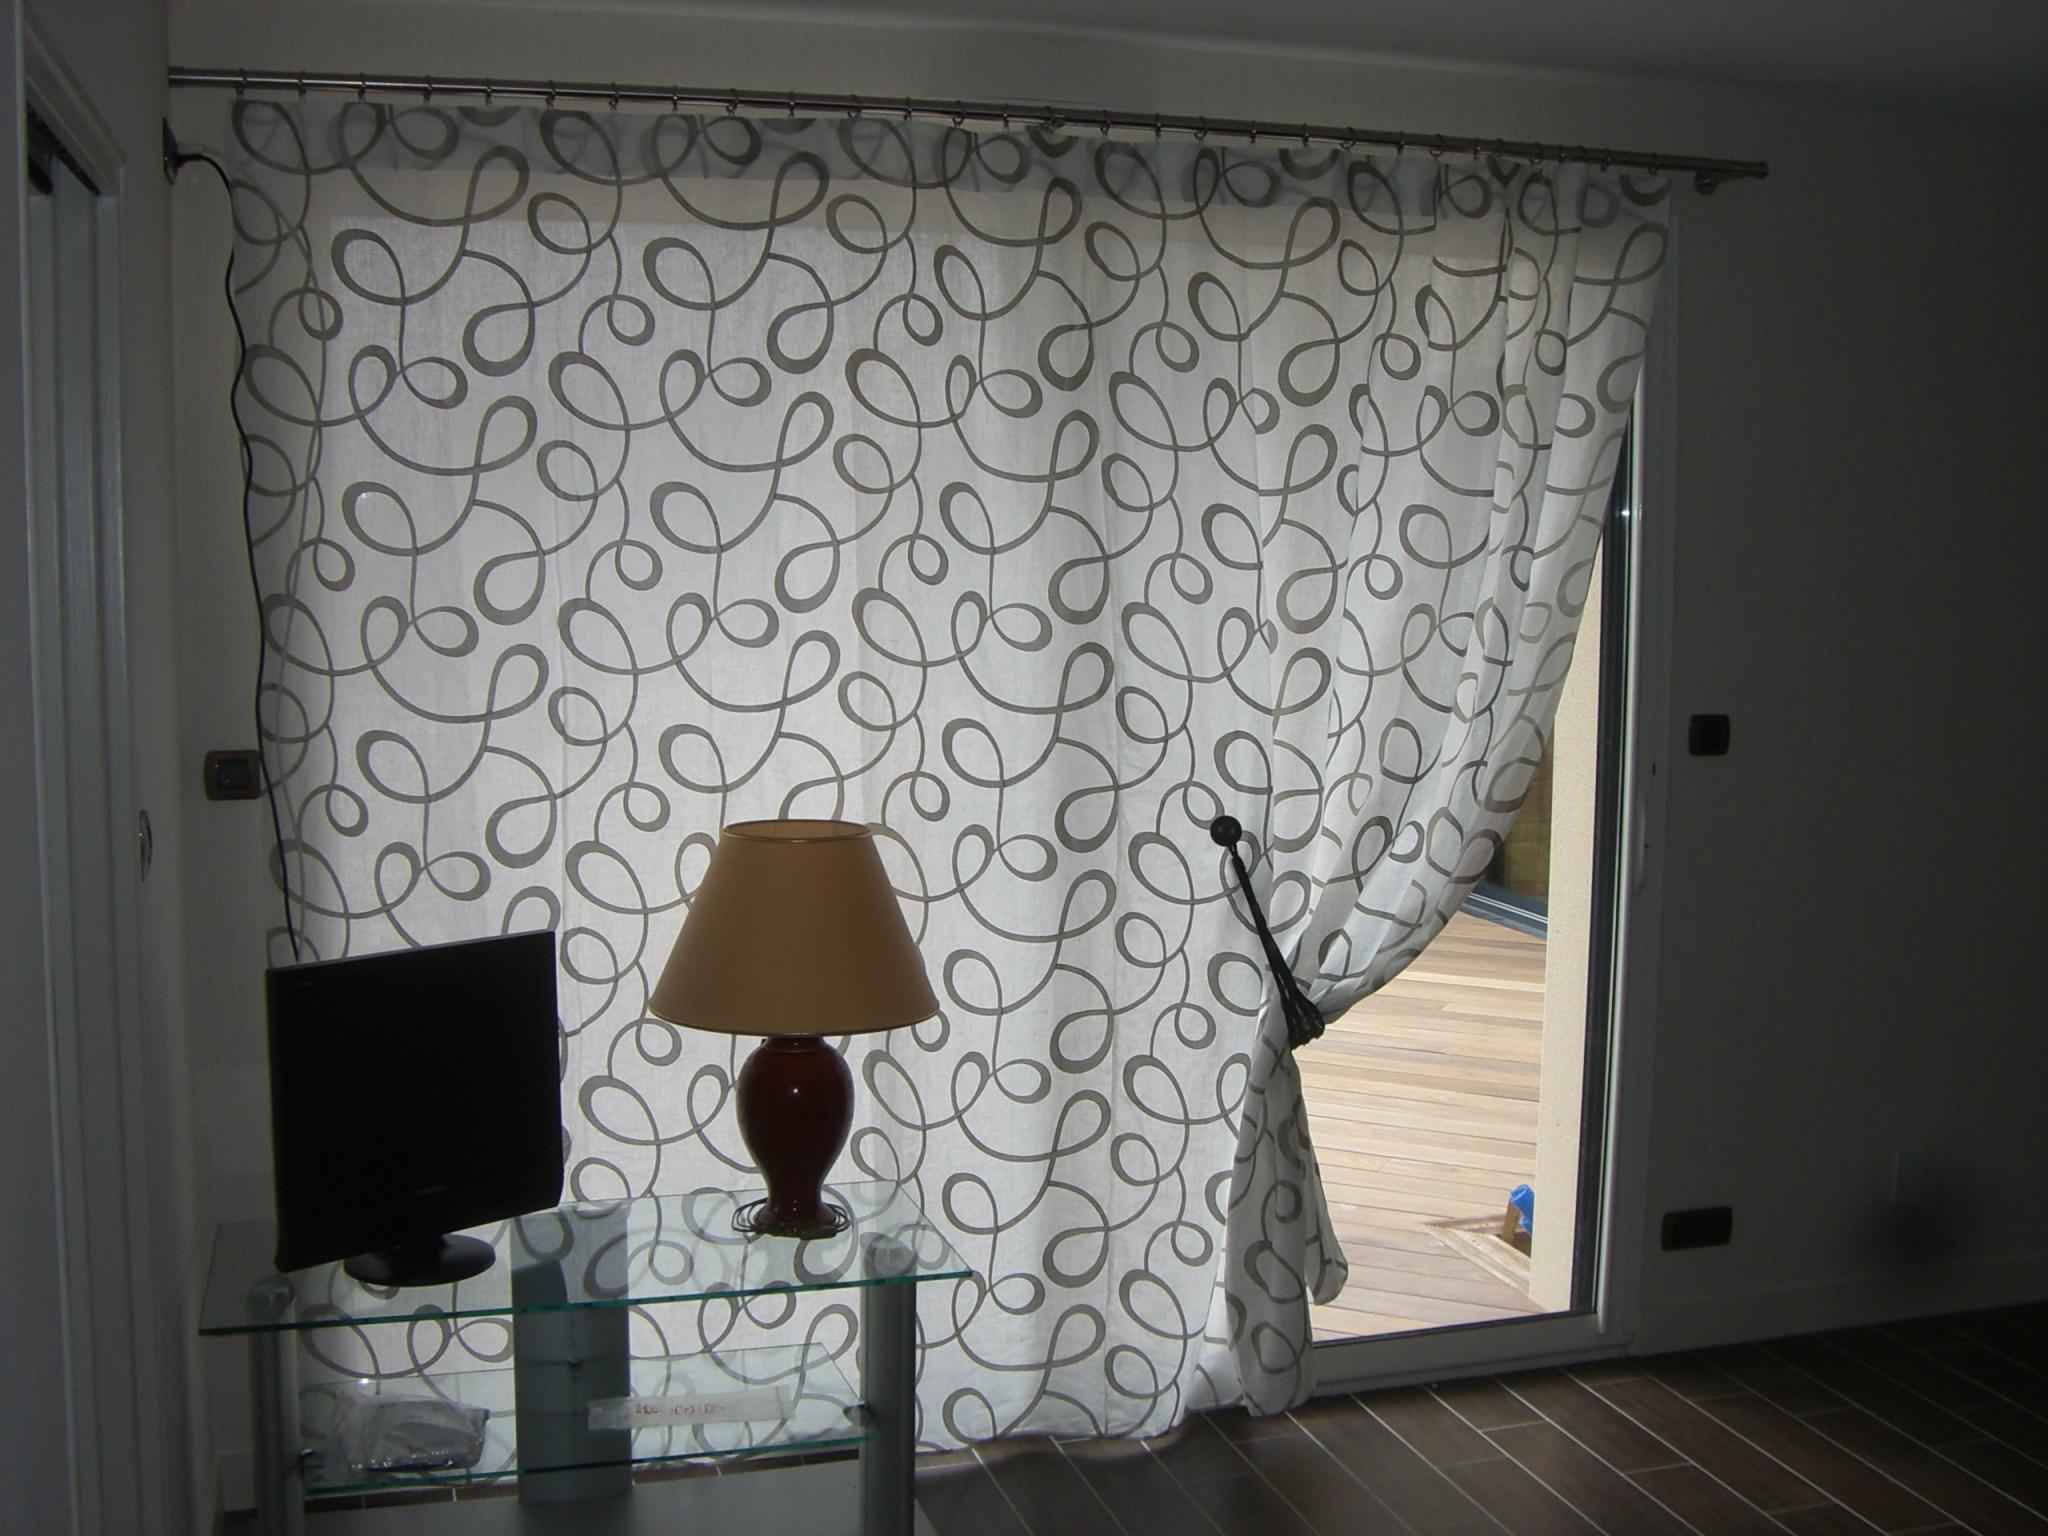 Noel fenetre archives noel decoration - Rideau pour baie vitree ...